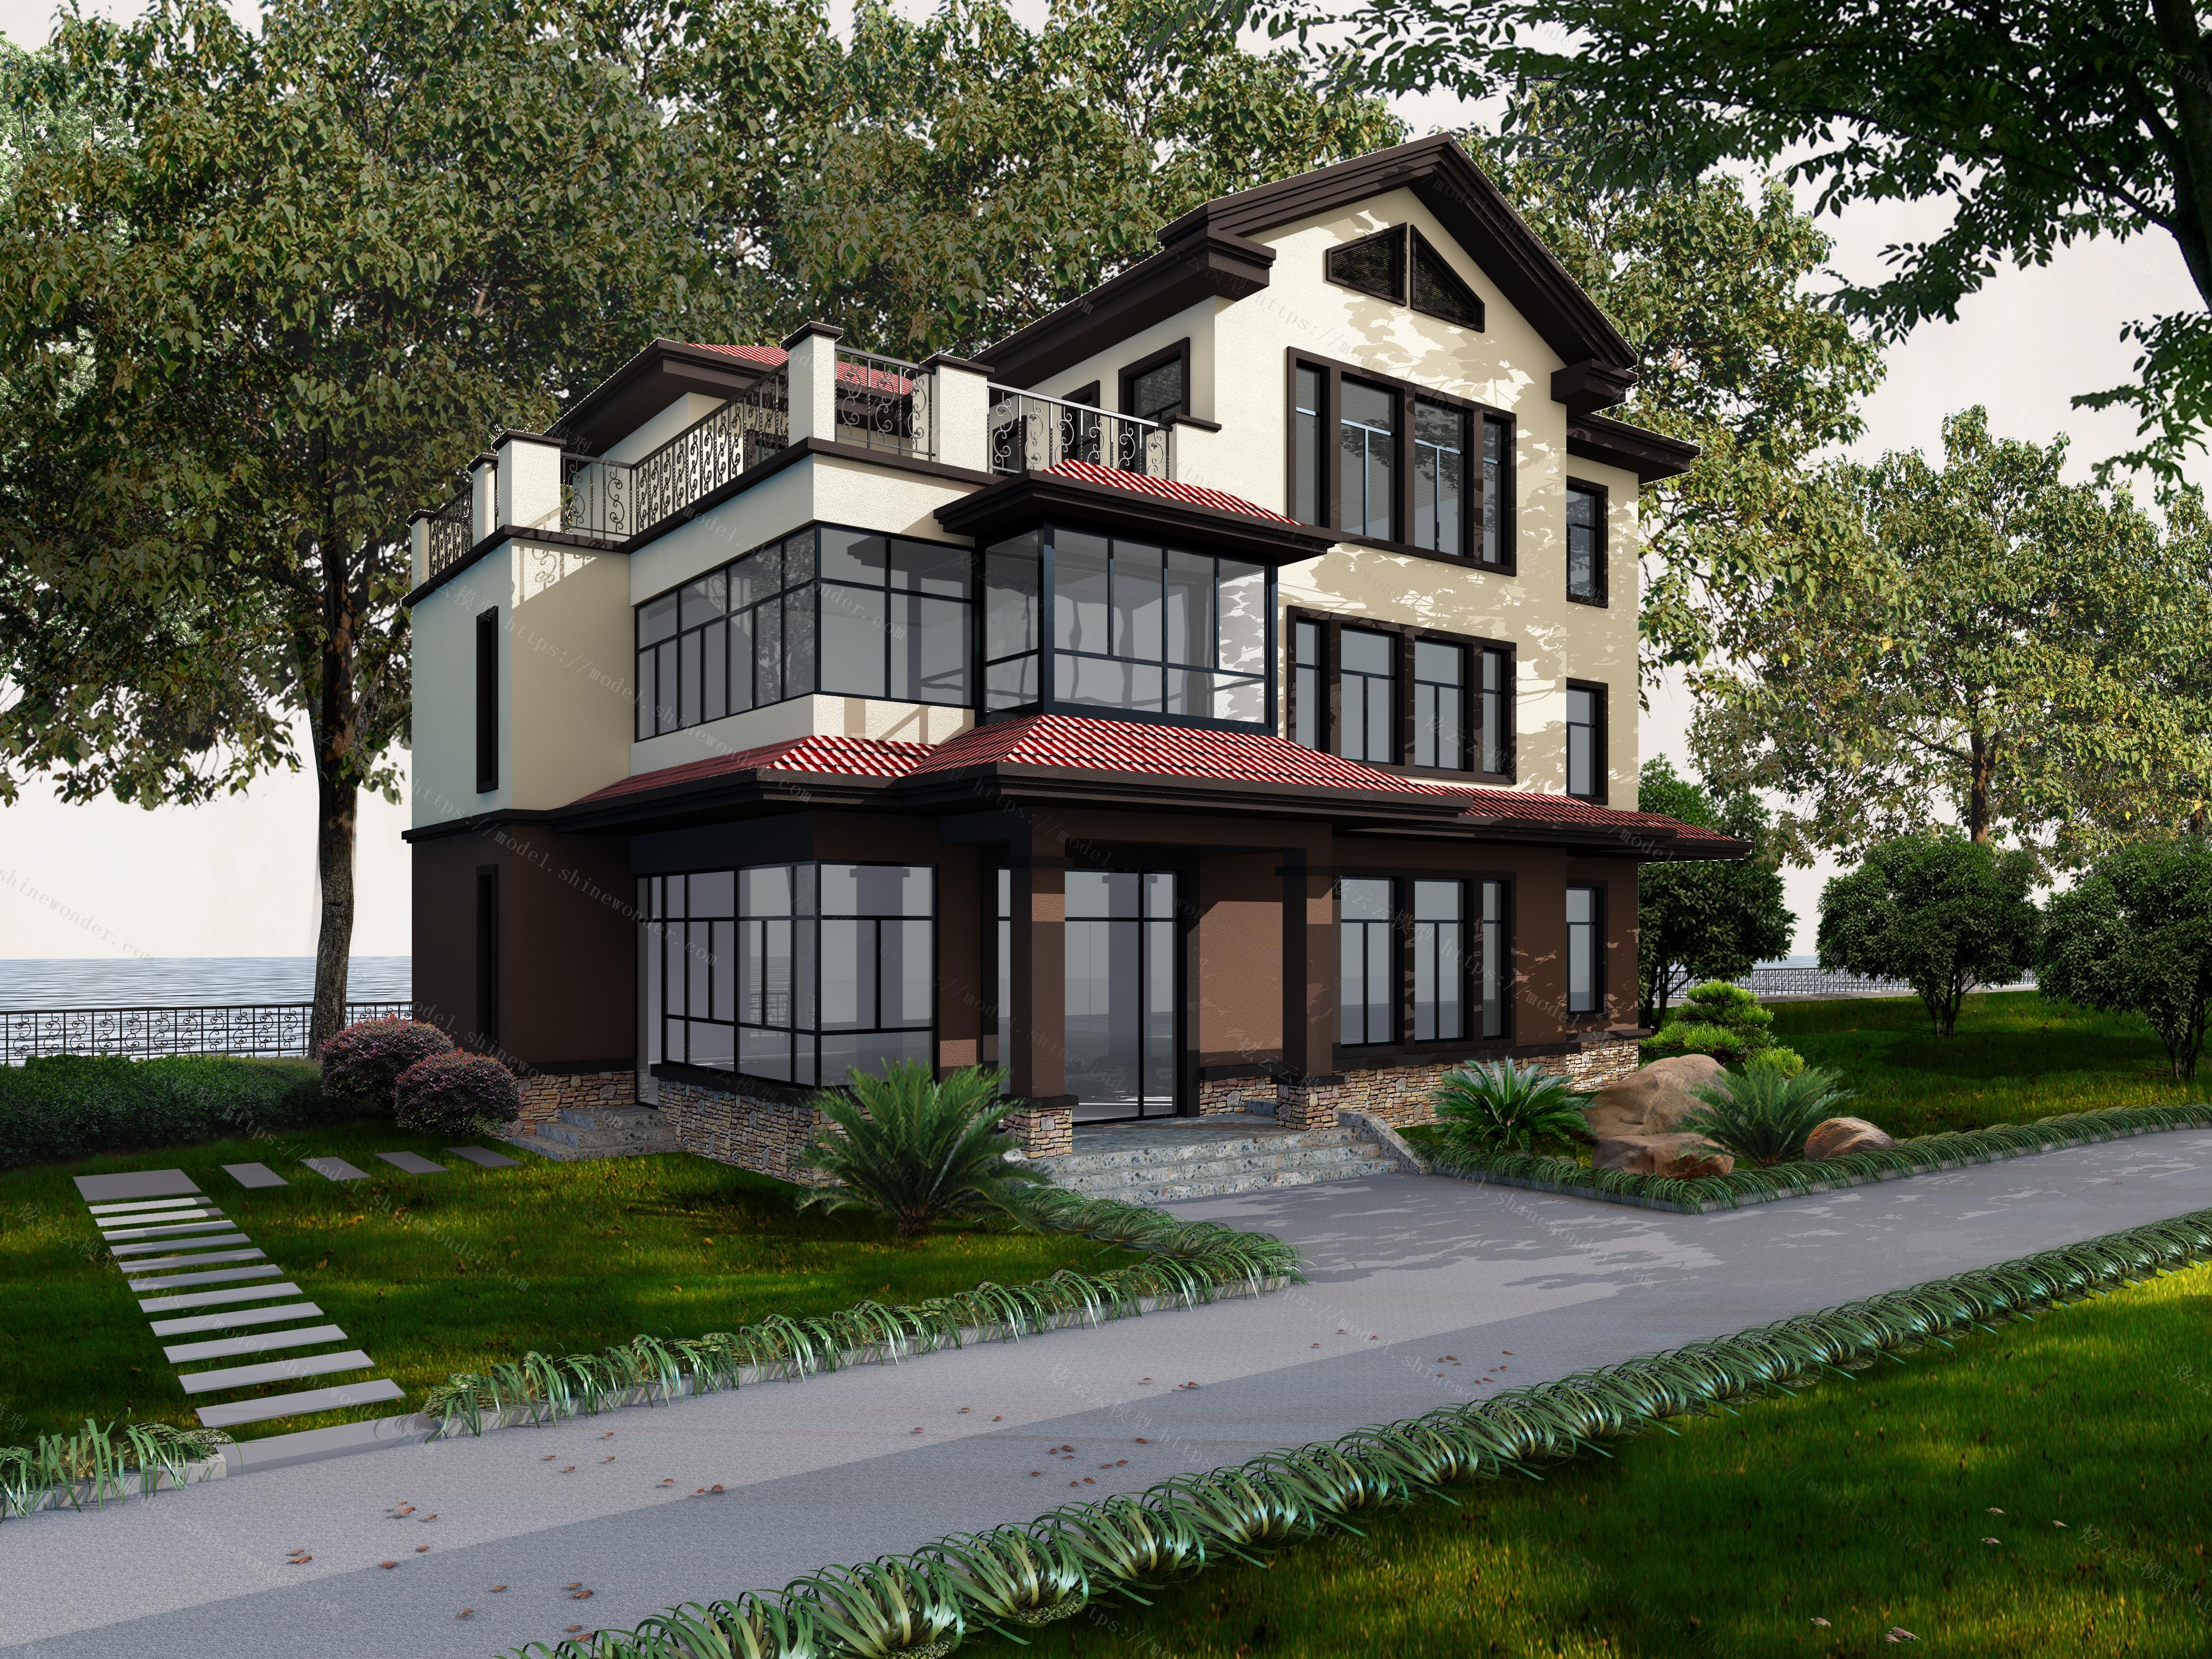 别墅外立面模型图片